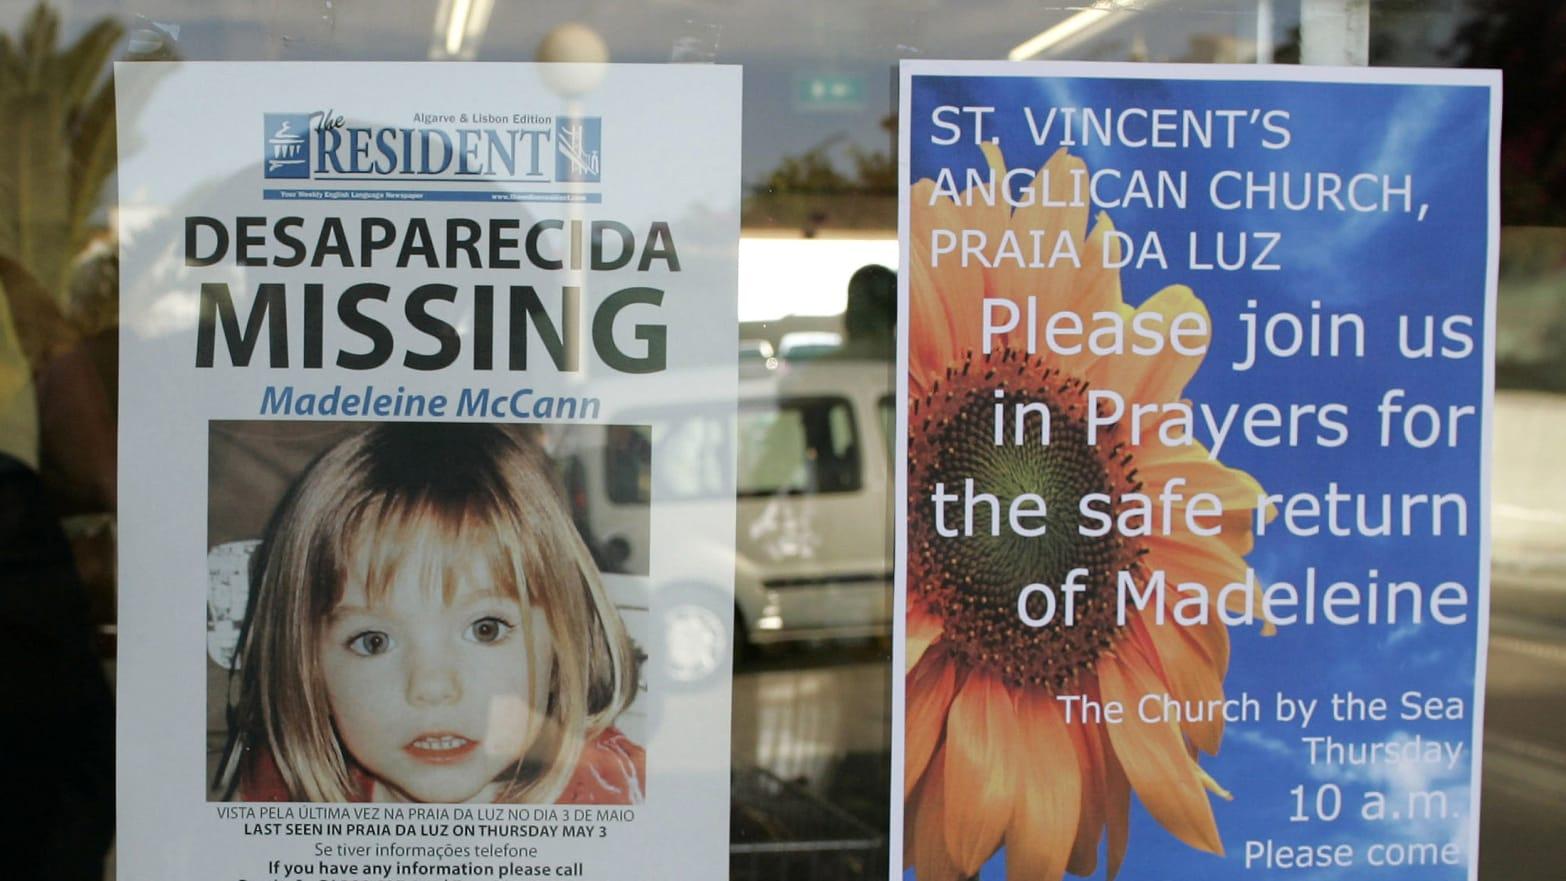 Freud's Grandson Linked to Madeleine McCann and VIP